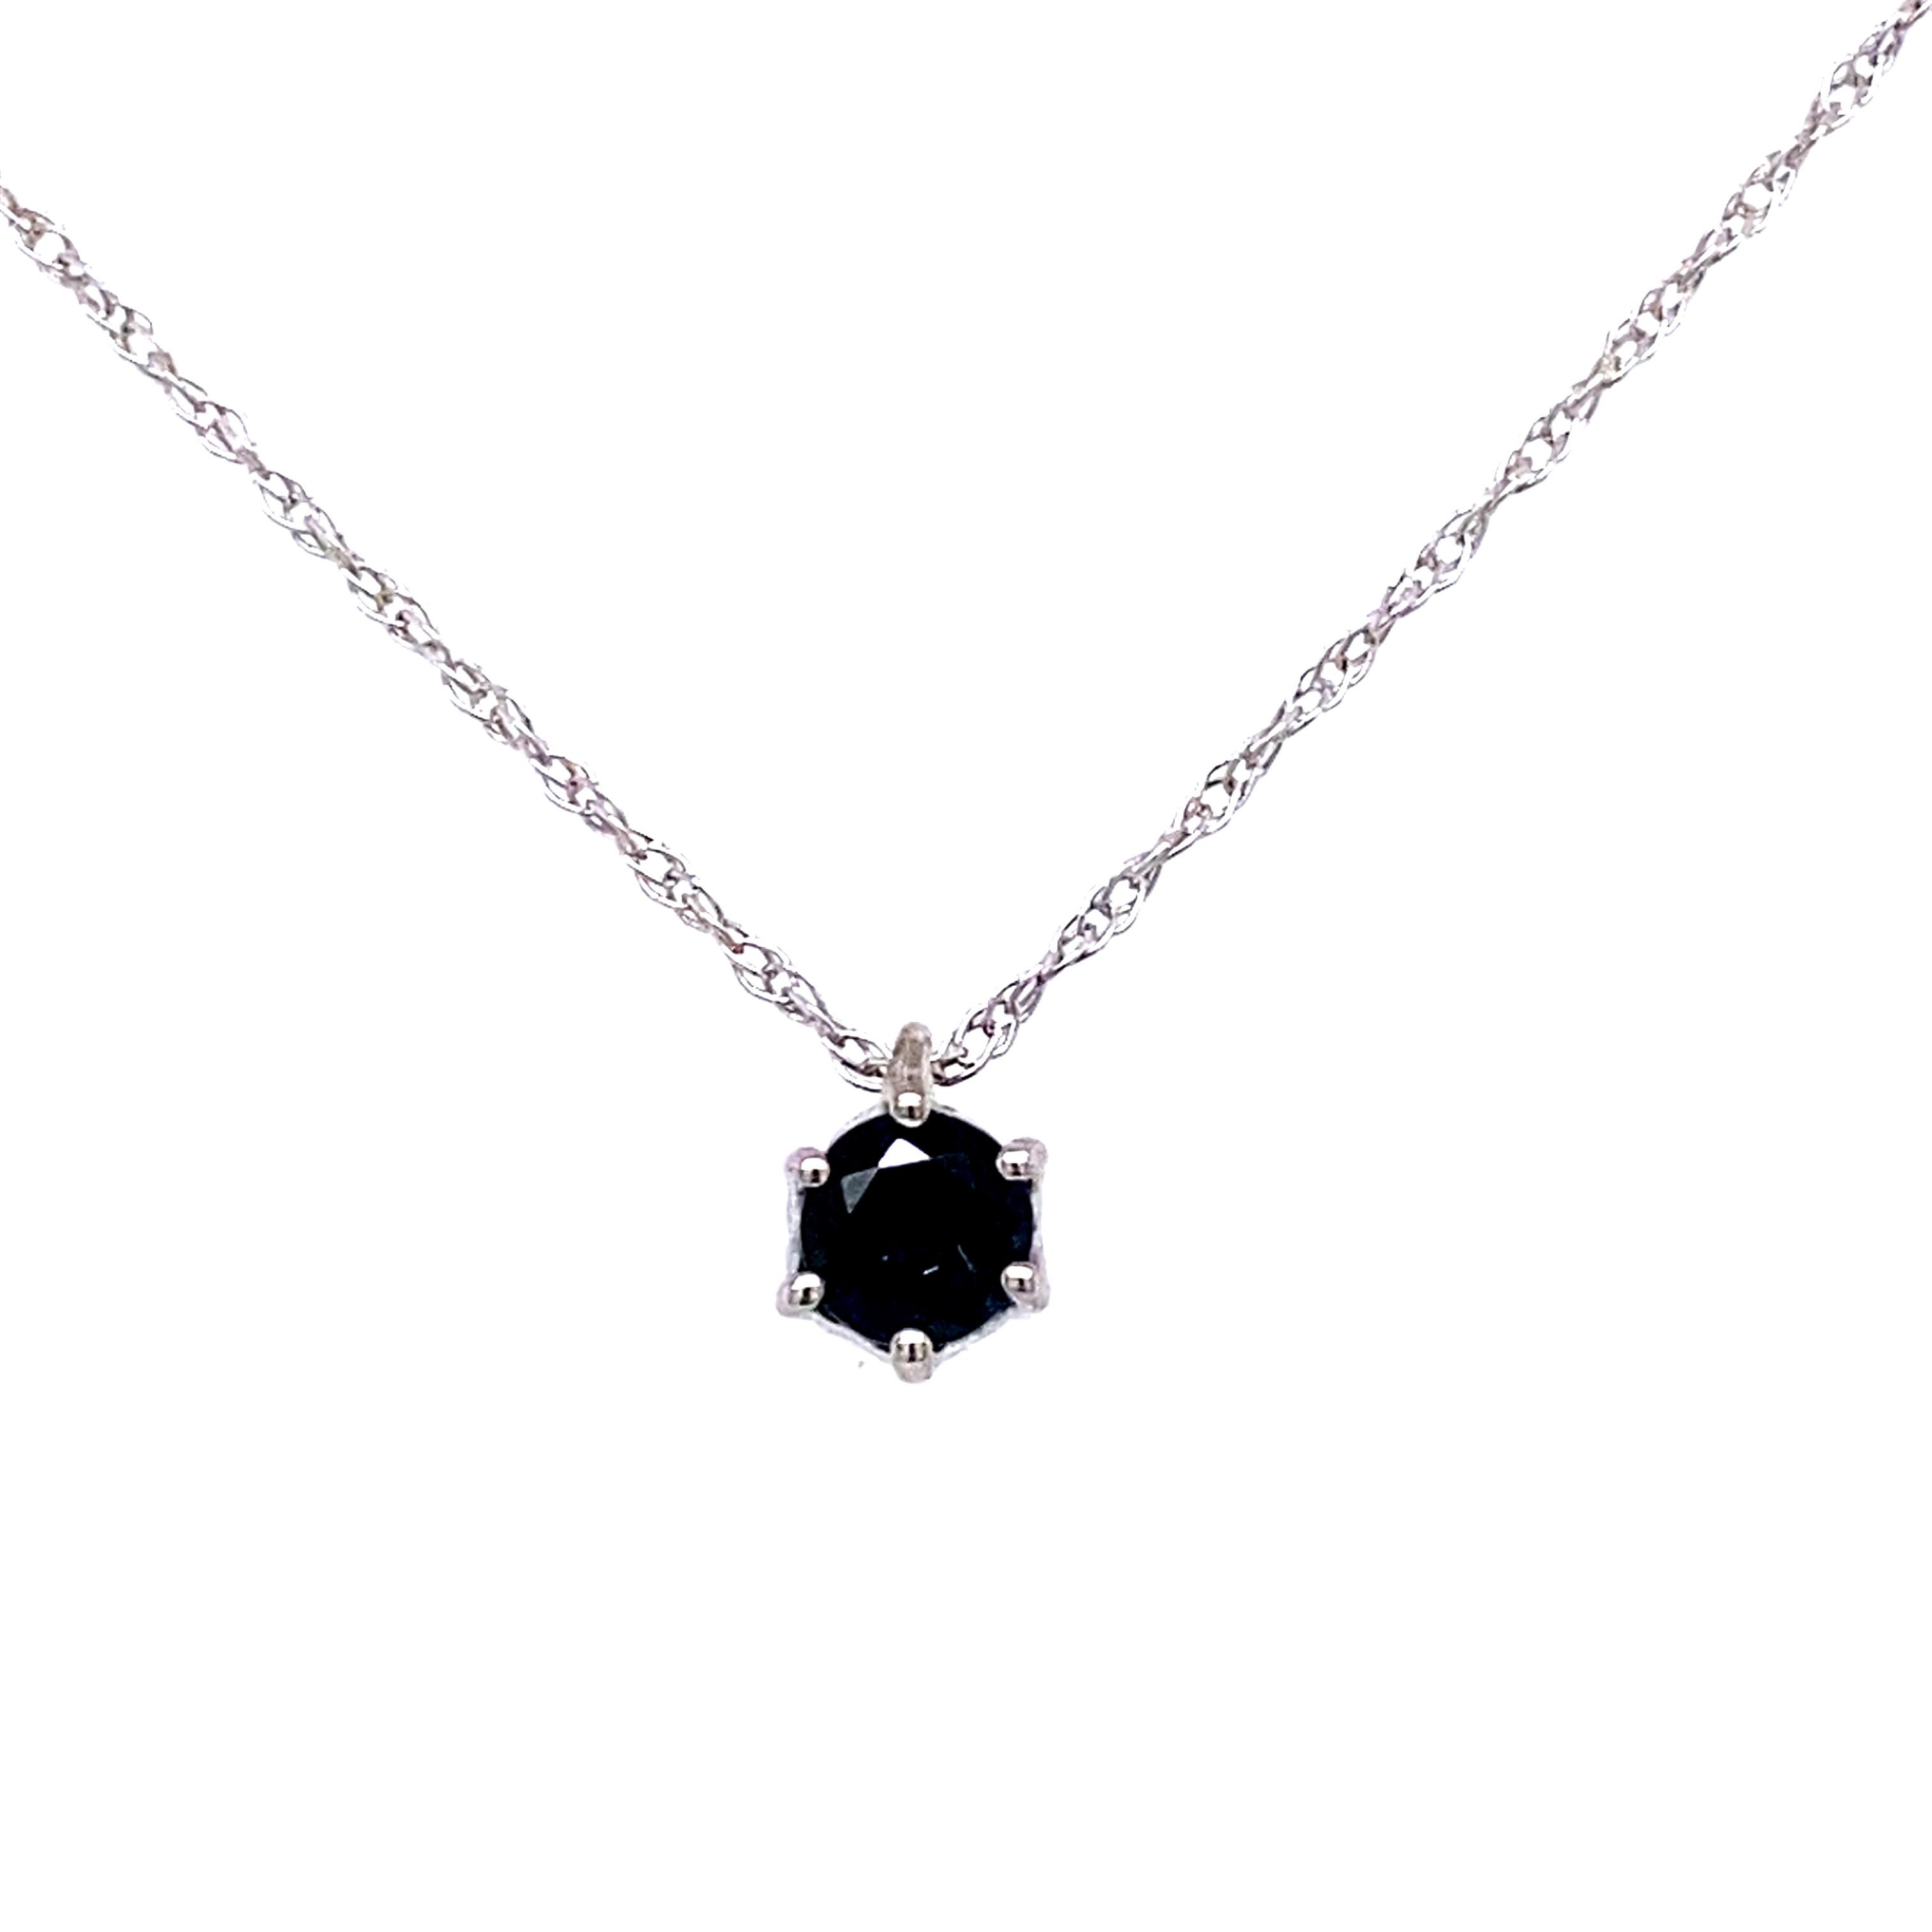 9ct white gold solitaire Sapphire pendant